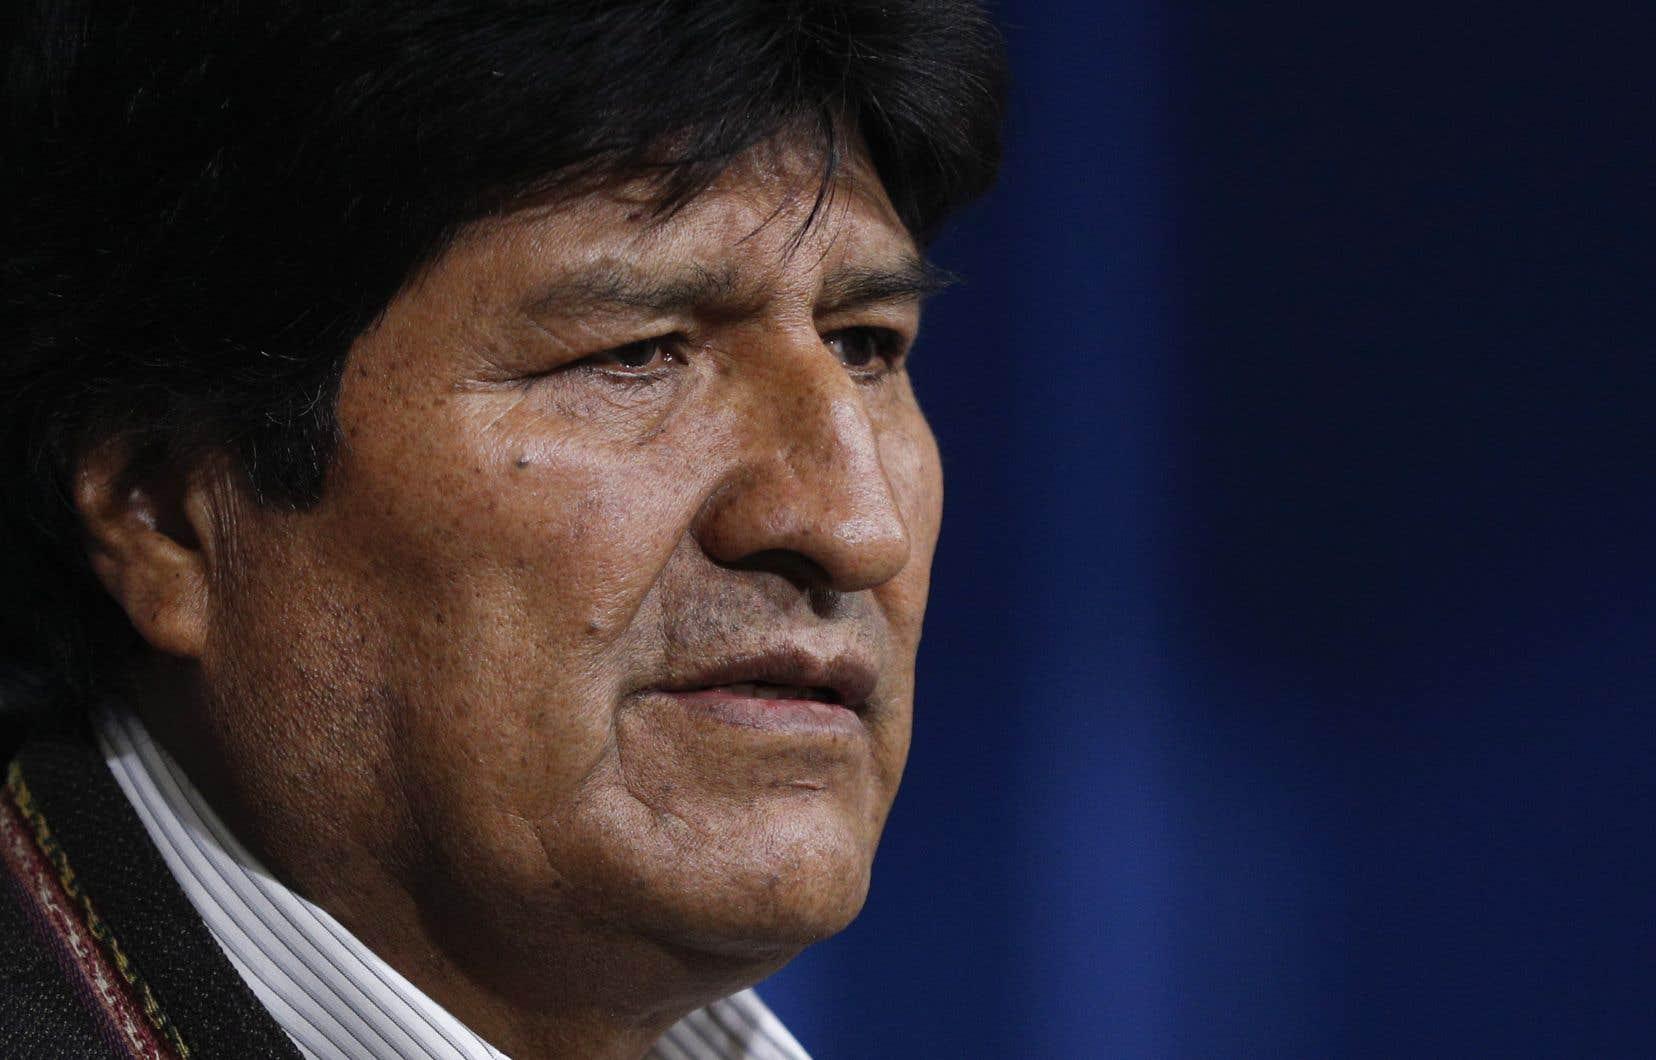 Né dans la misère, Evo Morales avait gravi les échelons syndicaux jusqu'à devenir il y a 13 ans le premier chef d'État indigène du pays.